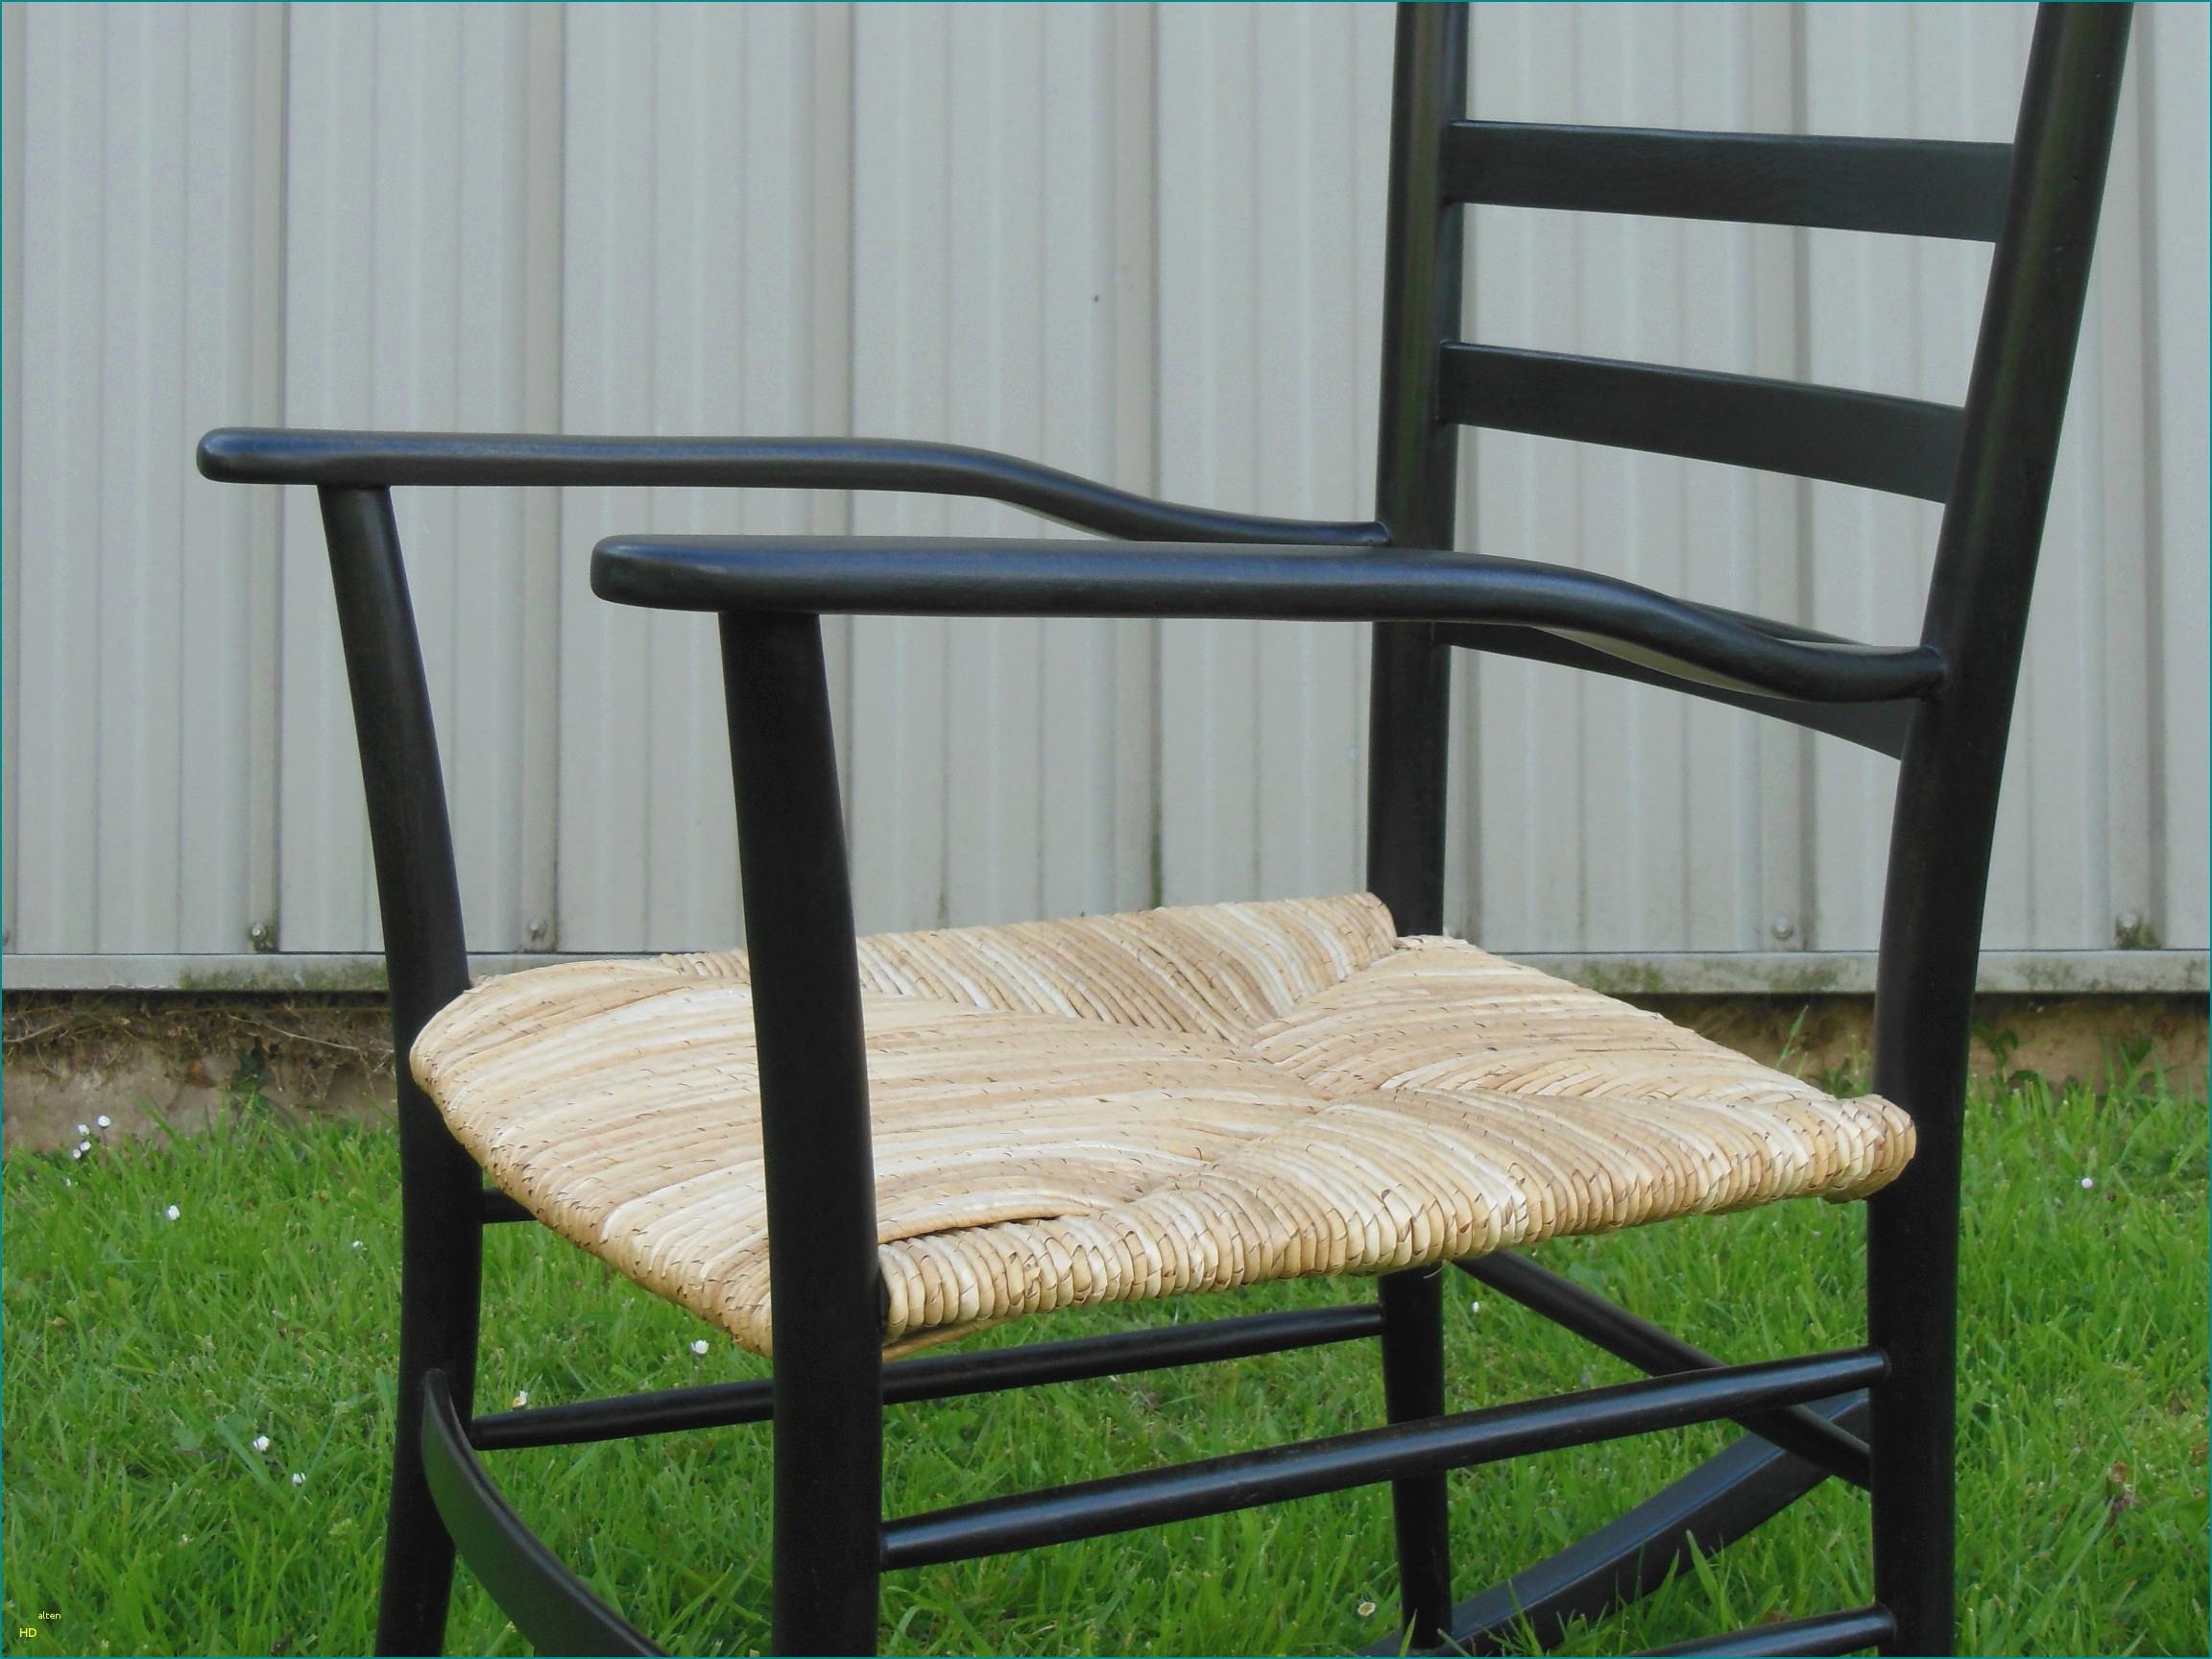 table basse jardin castorama frais table de jardin castorama 2017 stupefiant premium chaise de jardin of table basse jardin castorama